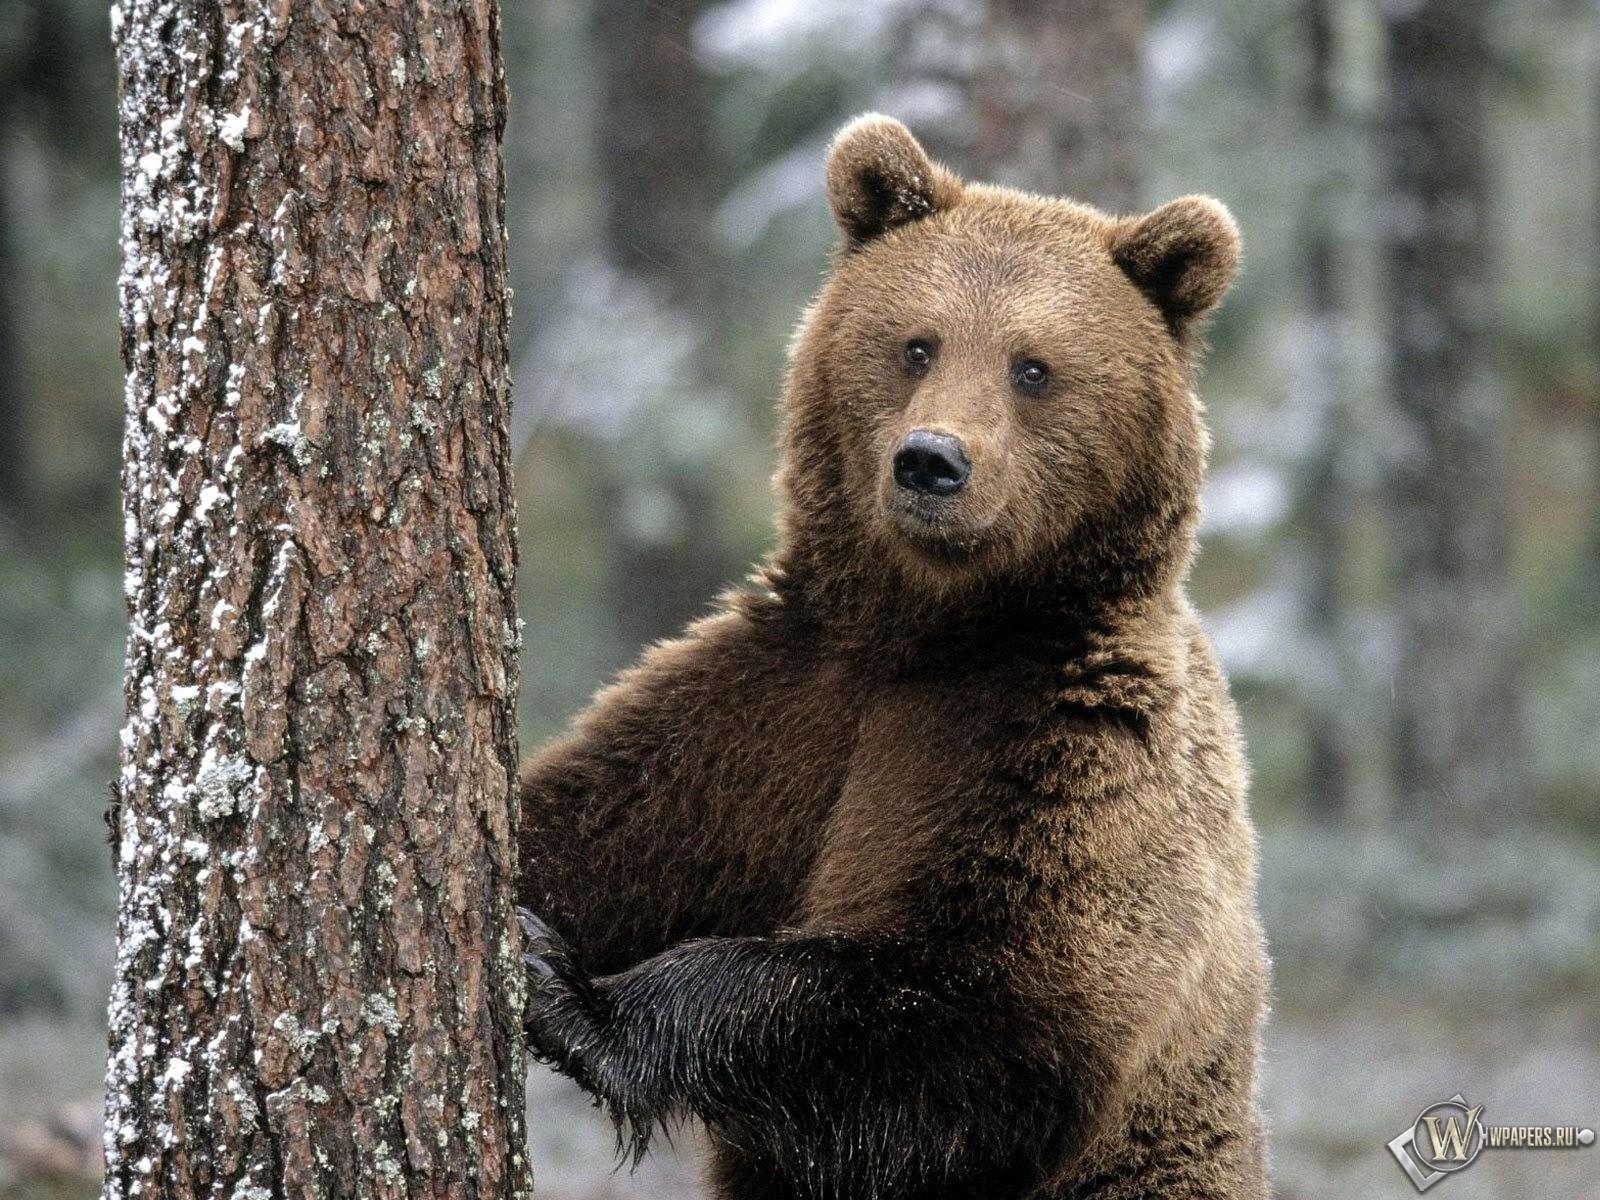 Медведь и дерево 1600x1200